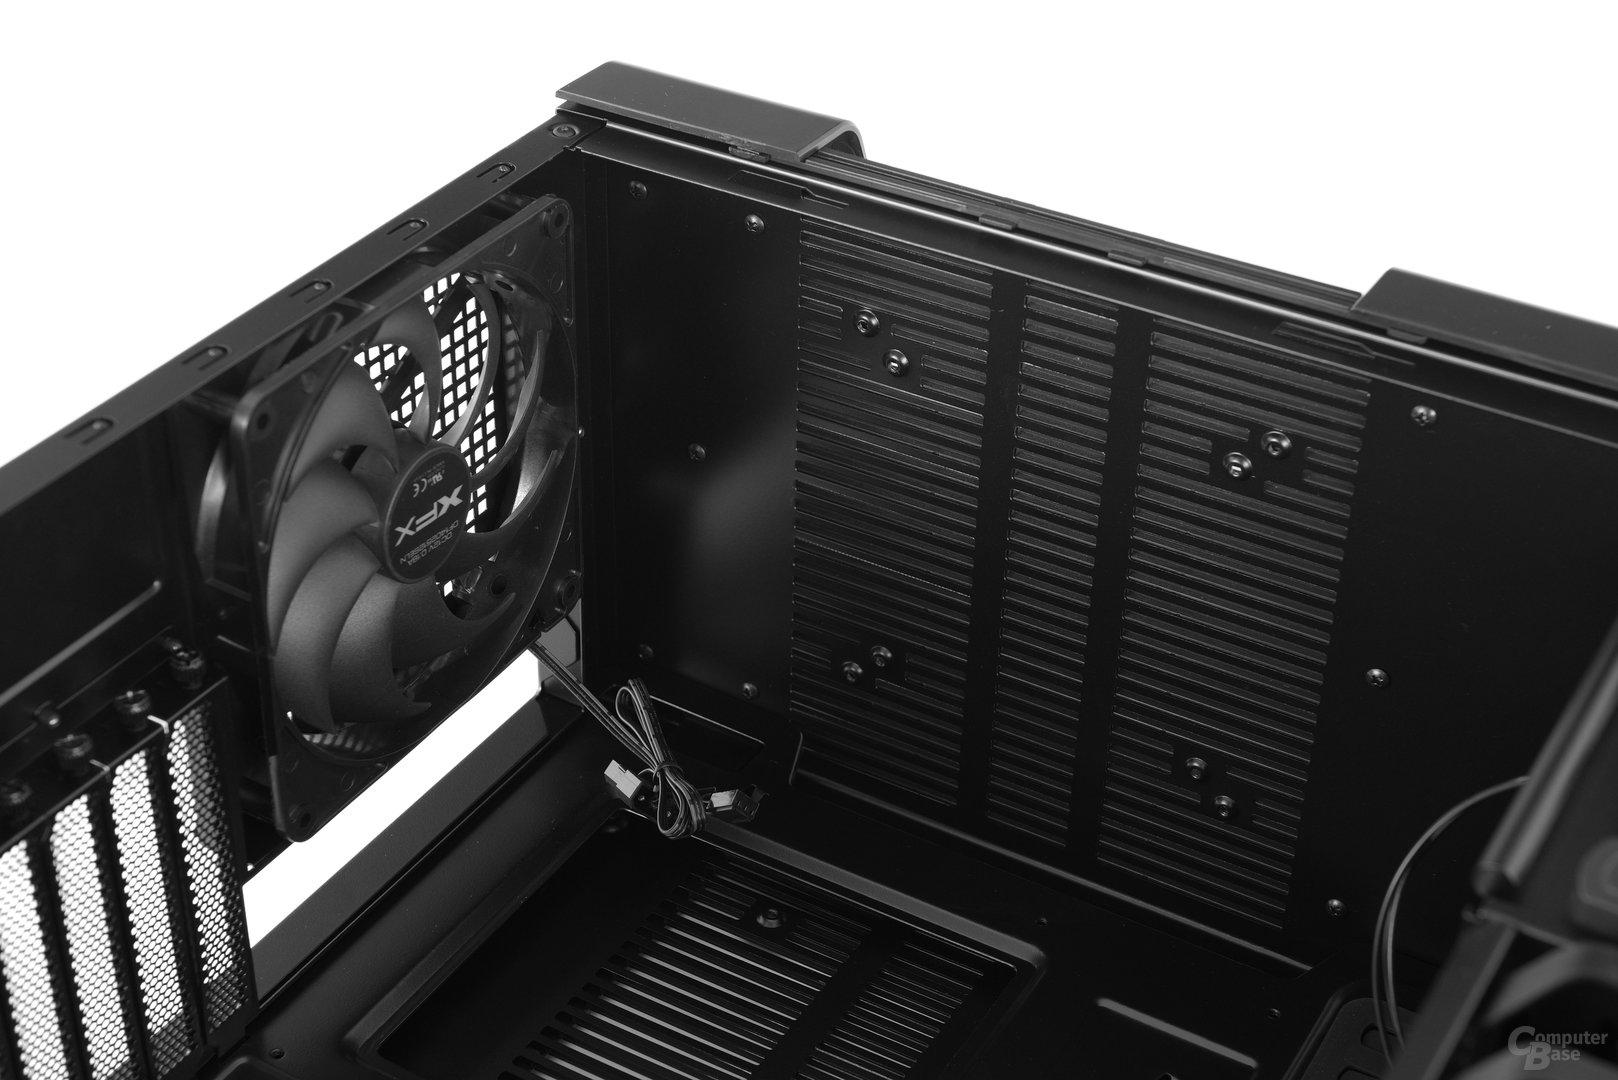 XFX Type 1 Bravo - Optionaler Lüfterplatz im Deckel